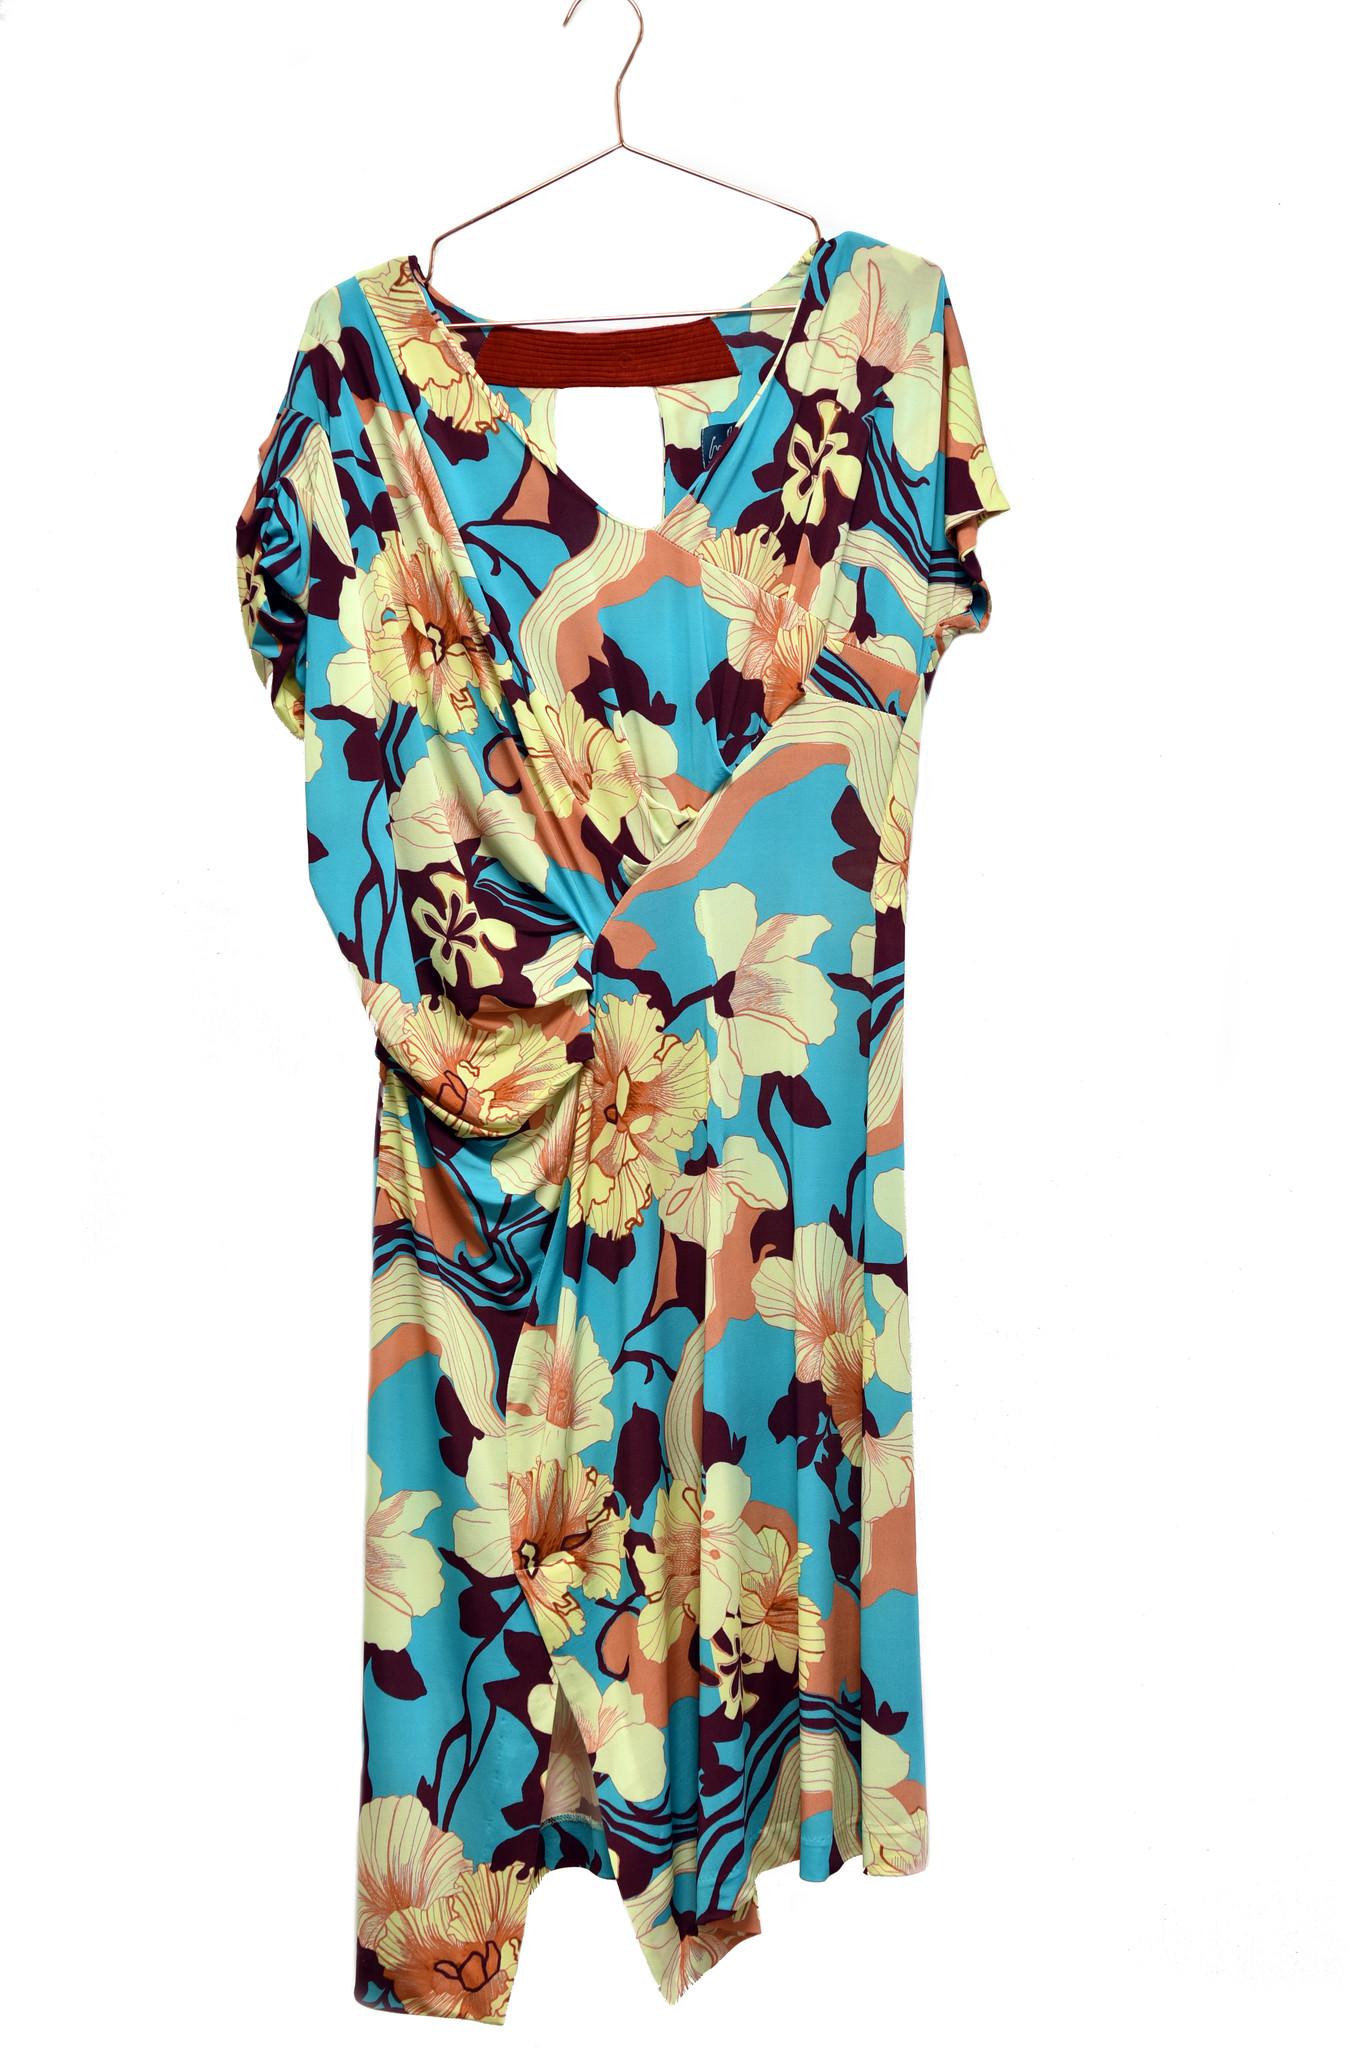 Nathalie Engels Dress with flowers - Nathalie Engels